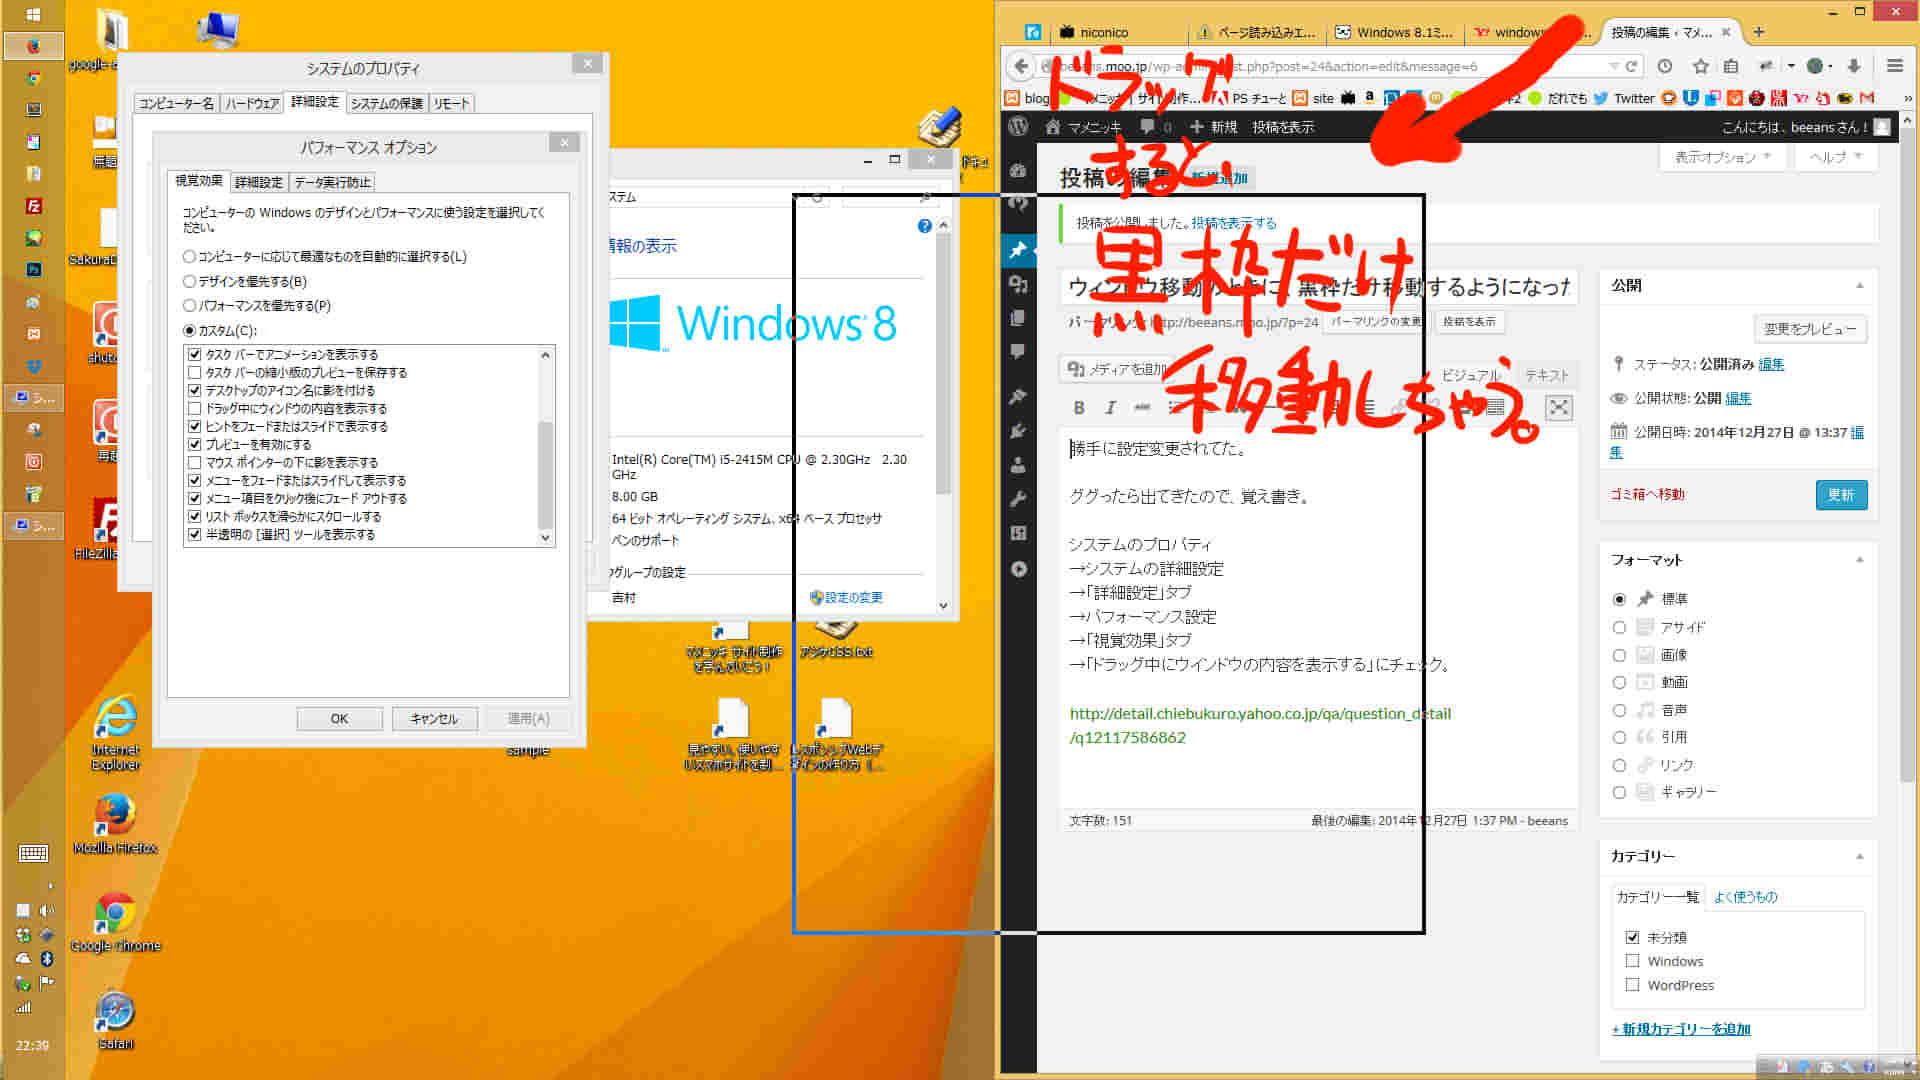 ウィンドウ移動のとき、黒枠だけになった【Windows8.1】